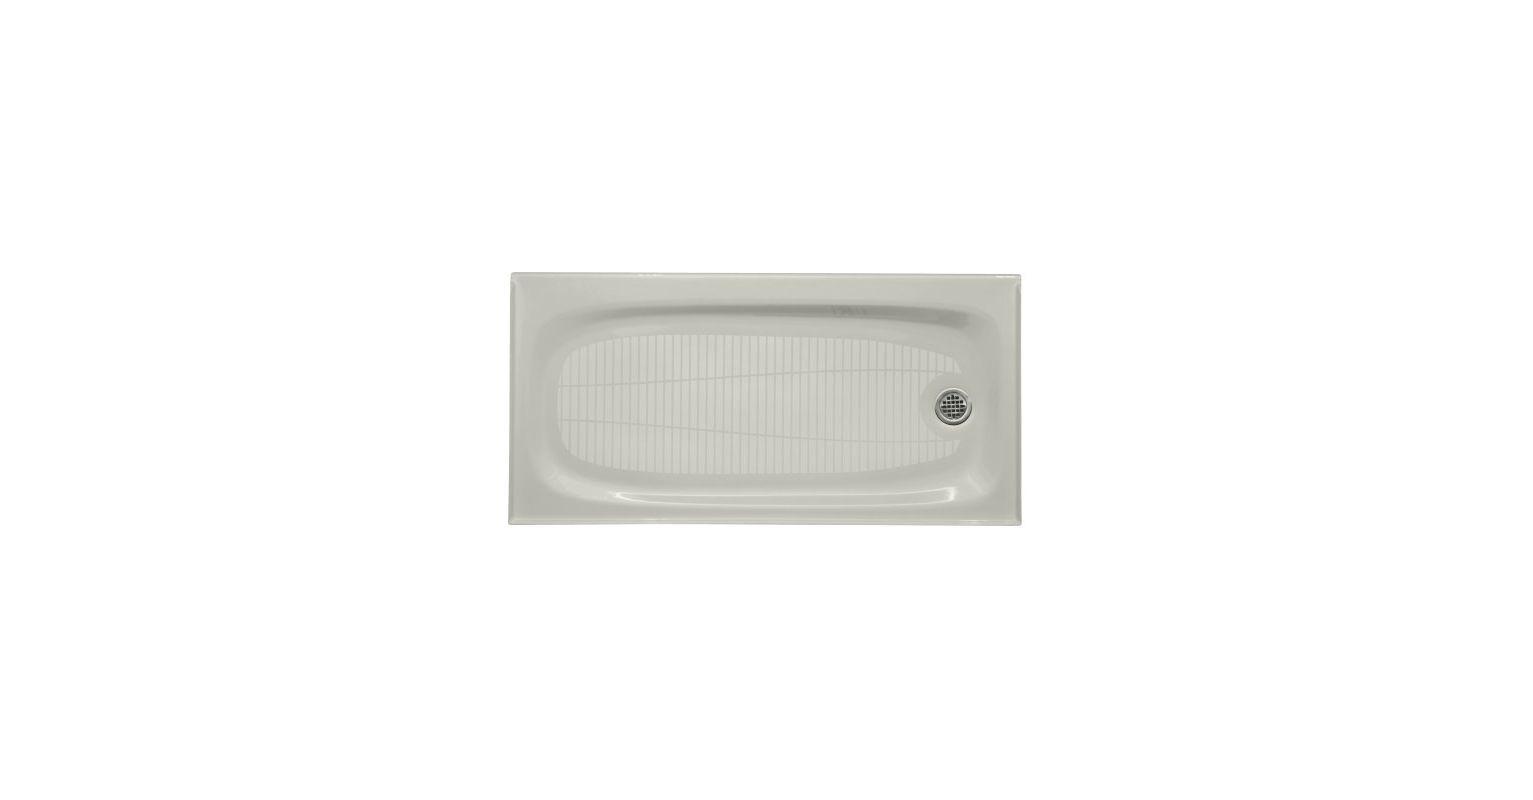 Kohler K 9054 Shower Base Shower Shower Pan